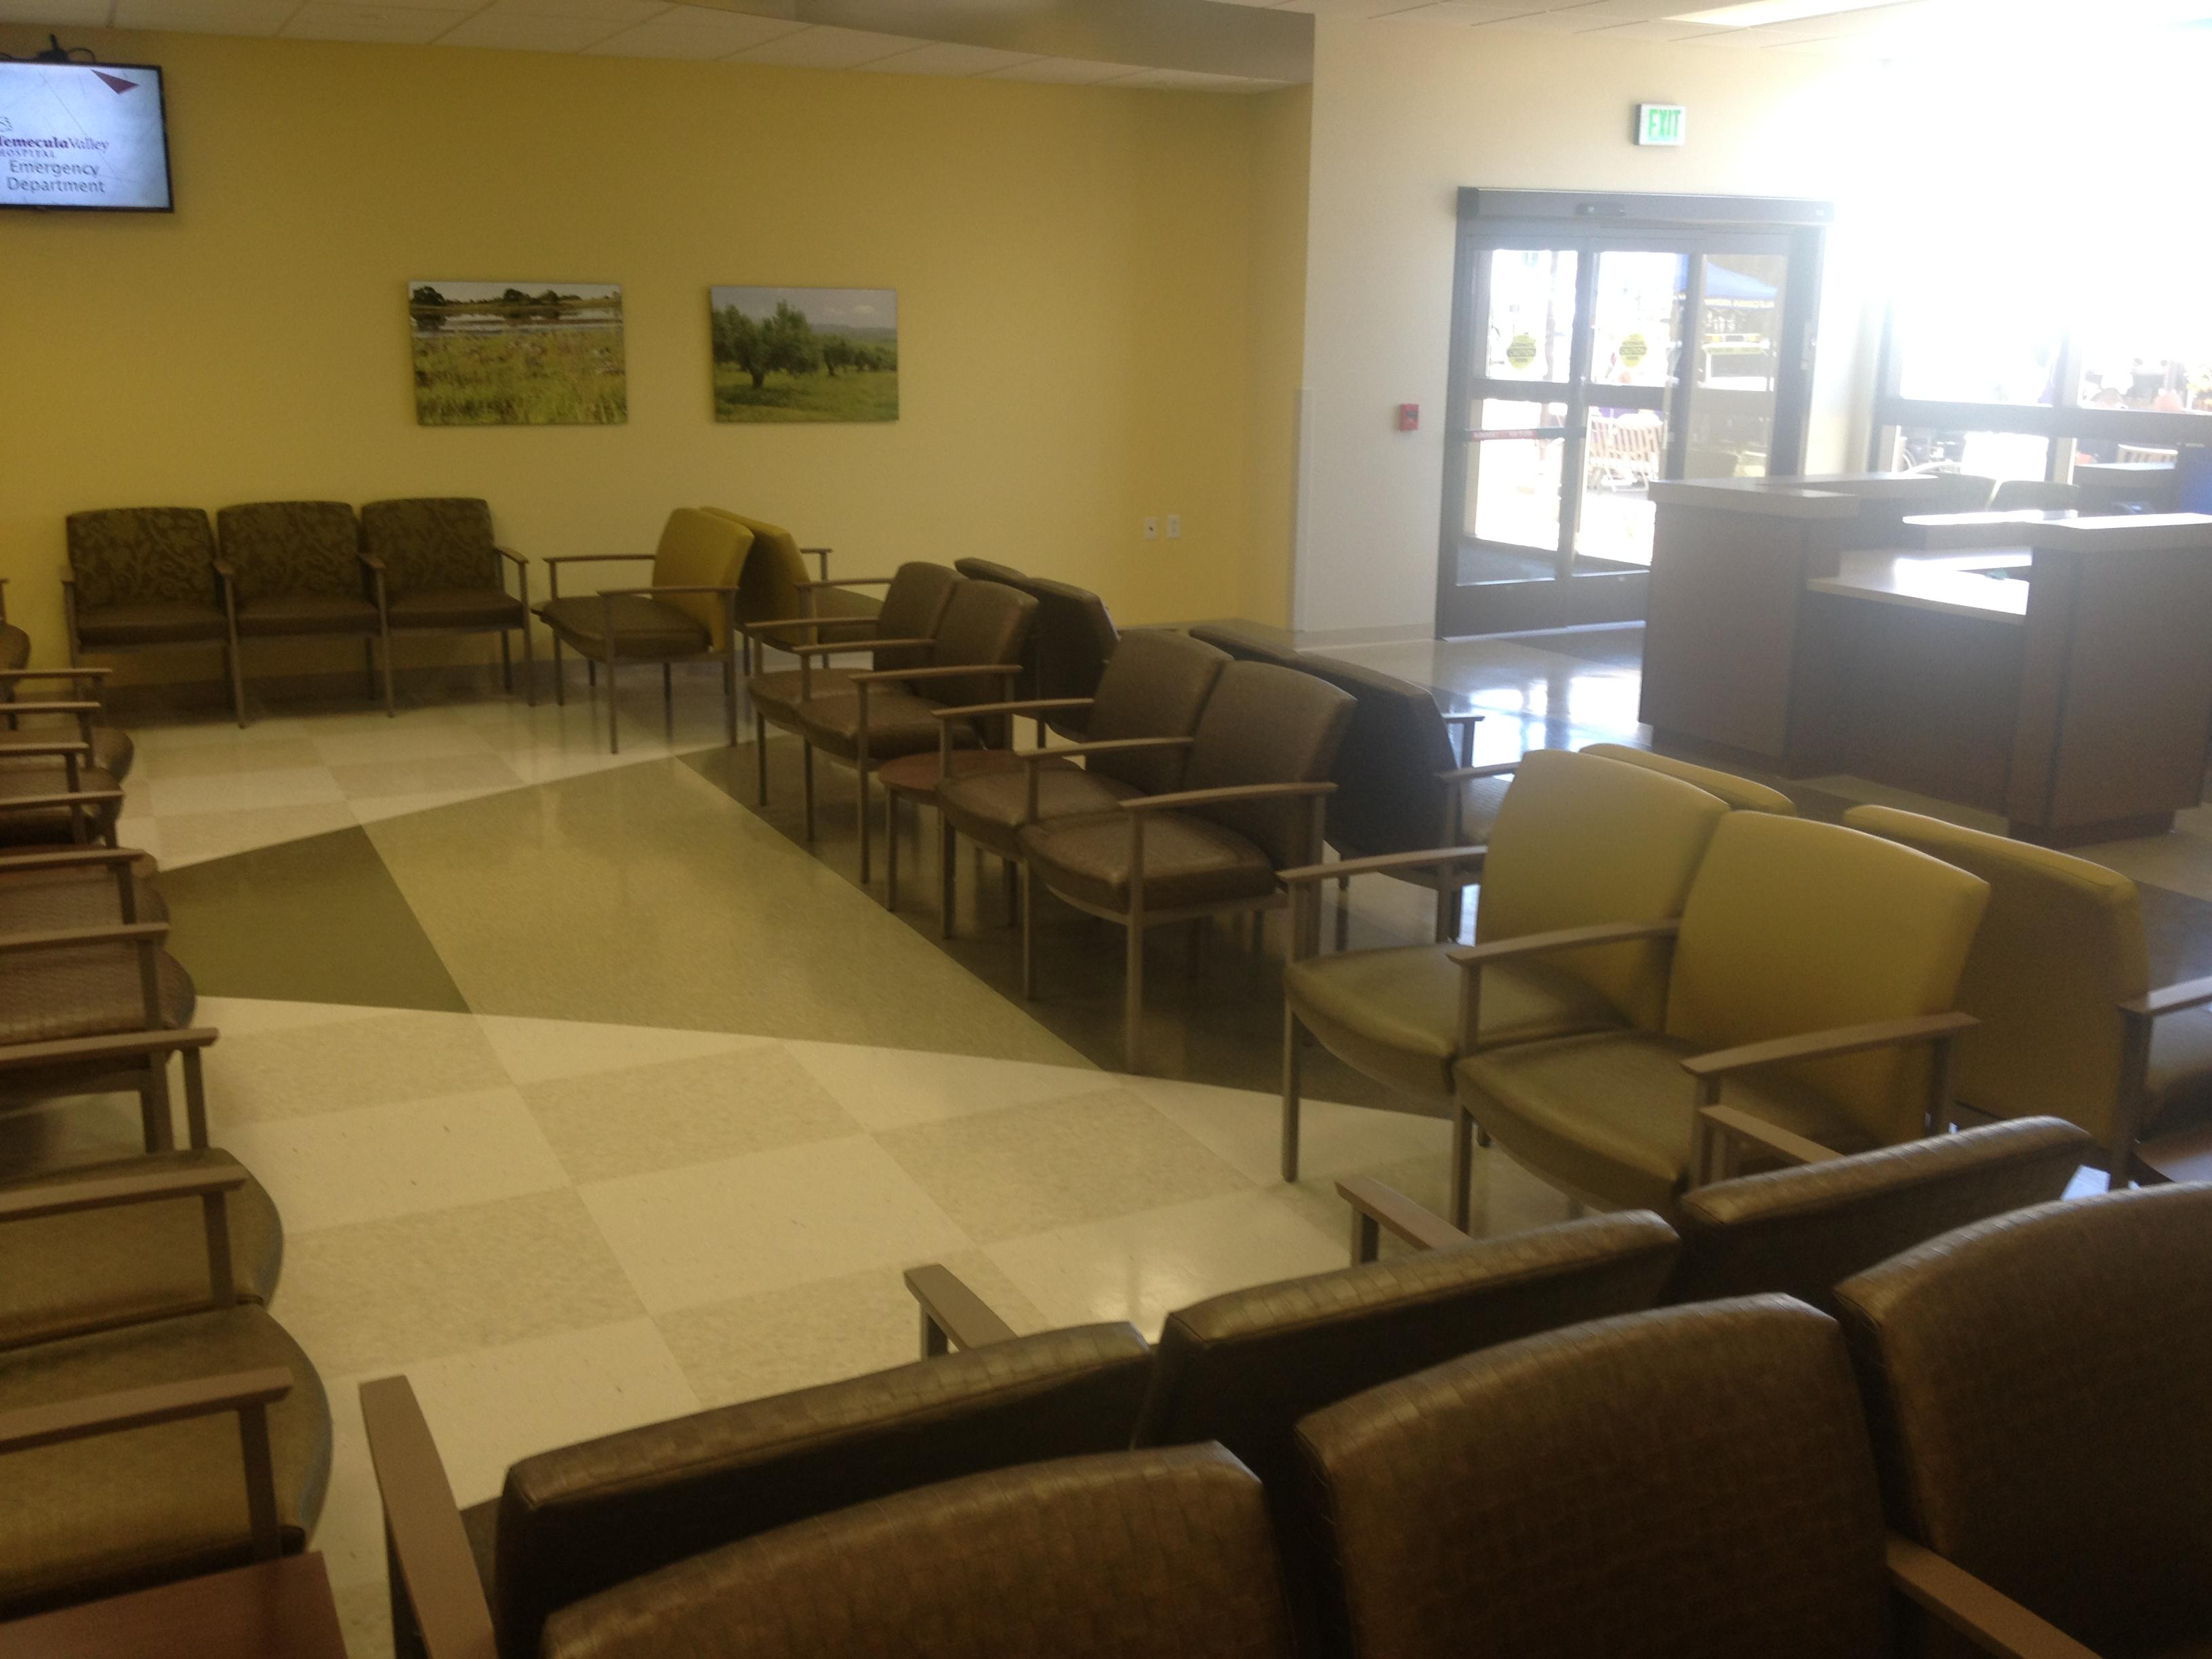 Temecula Valley Emergency Room